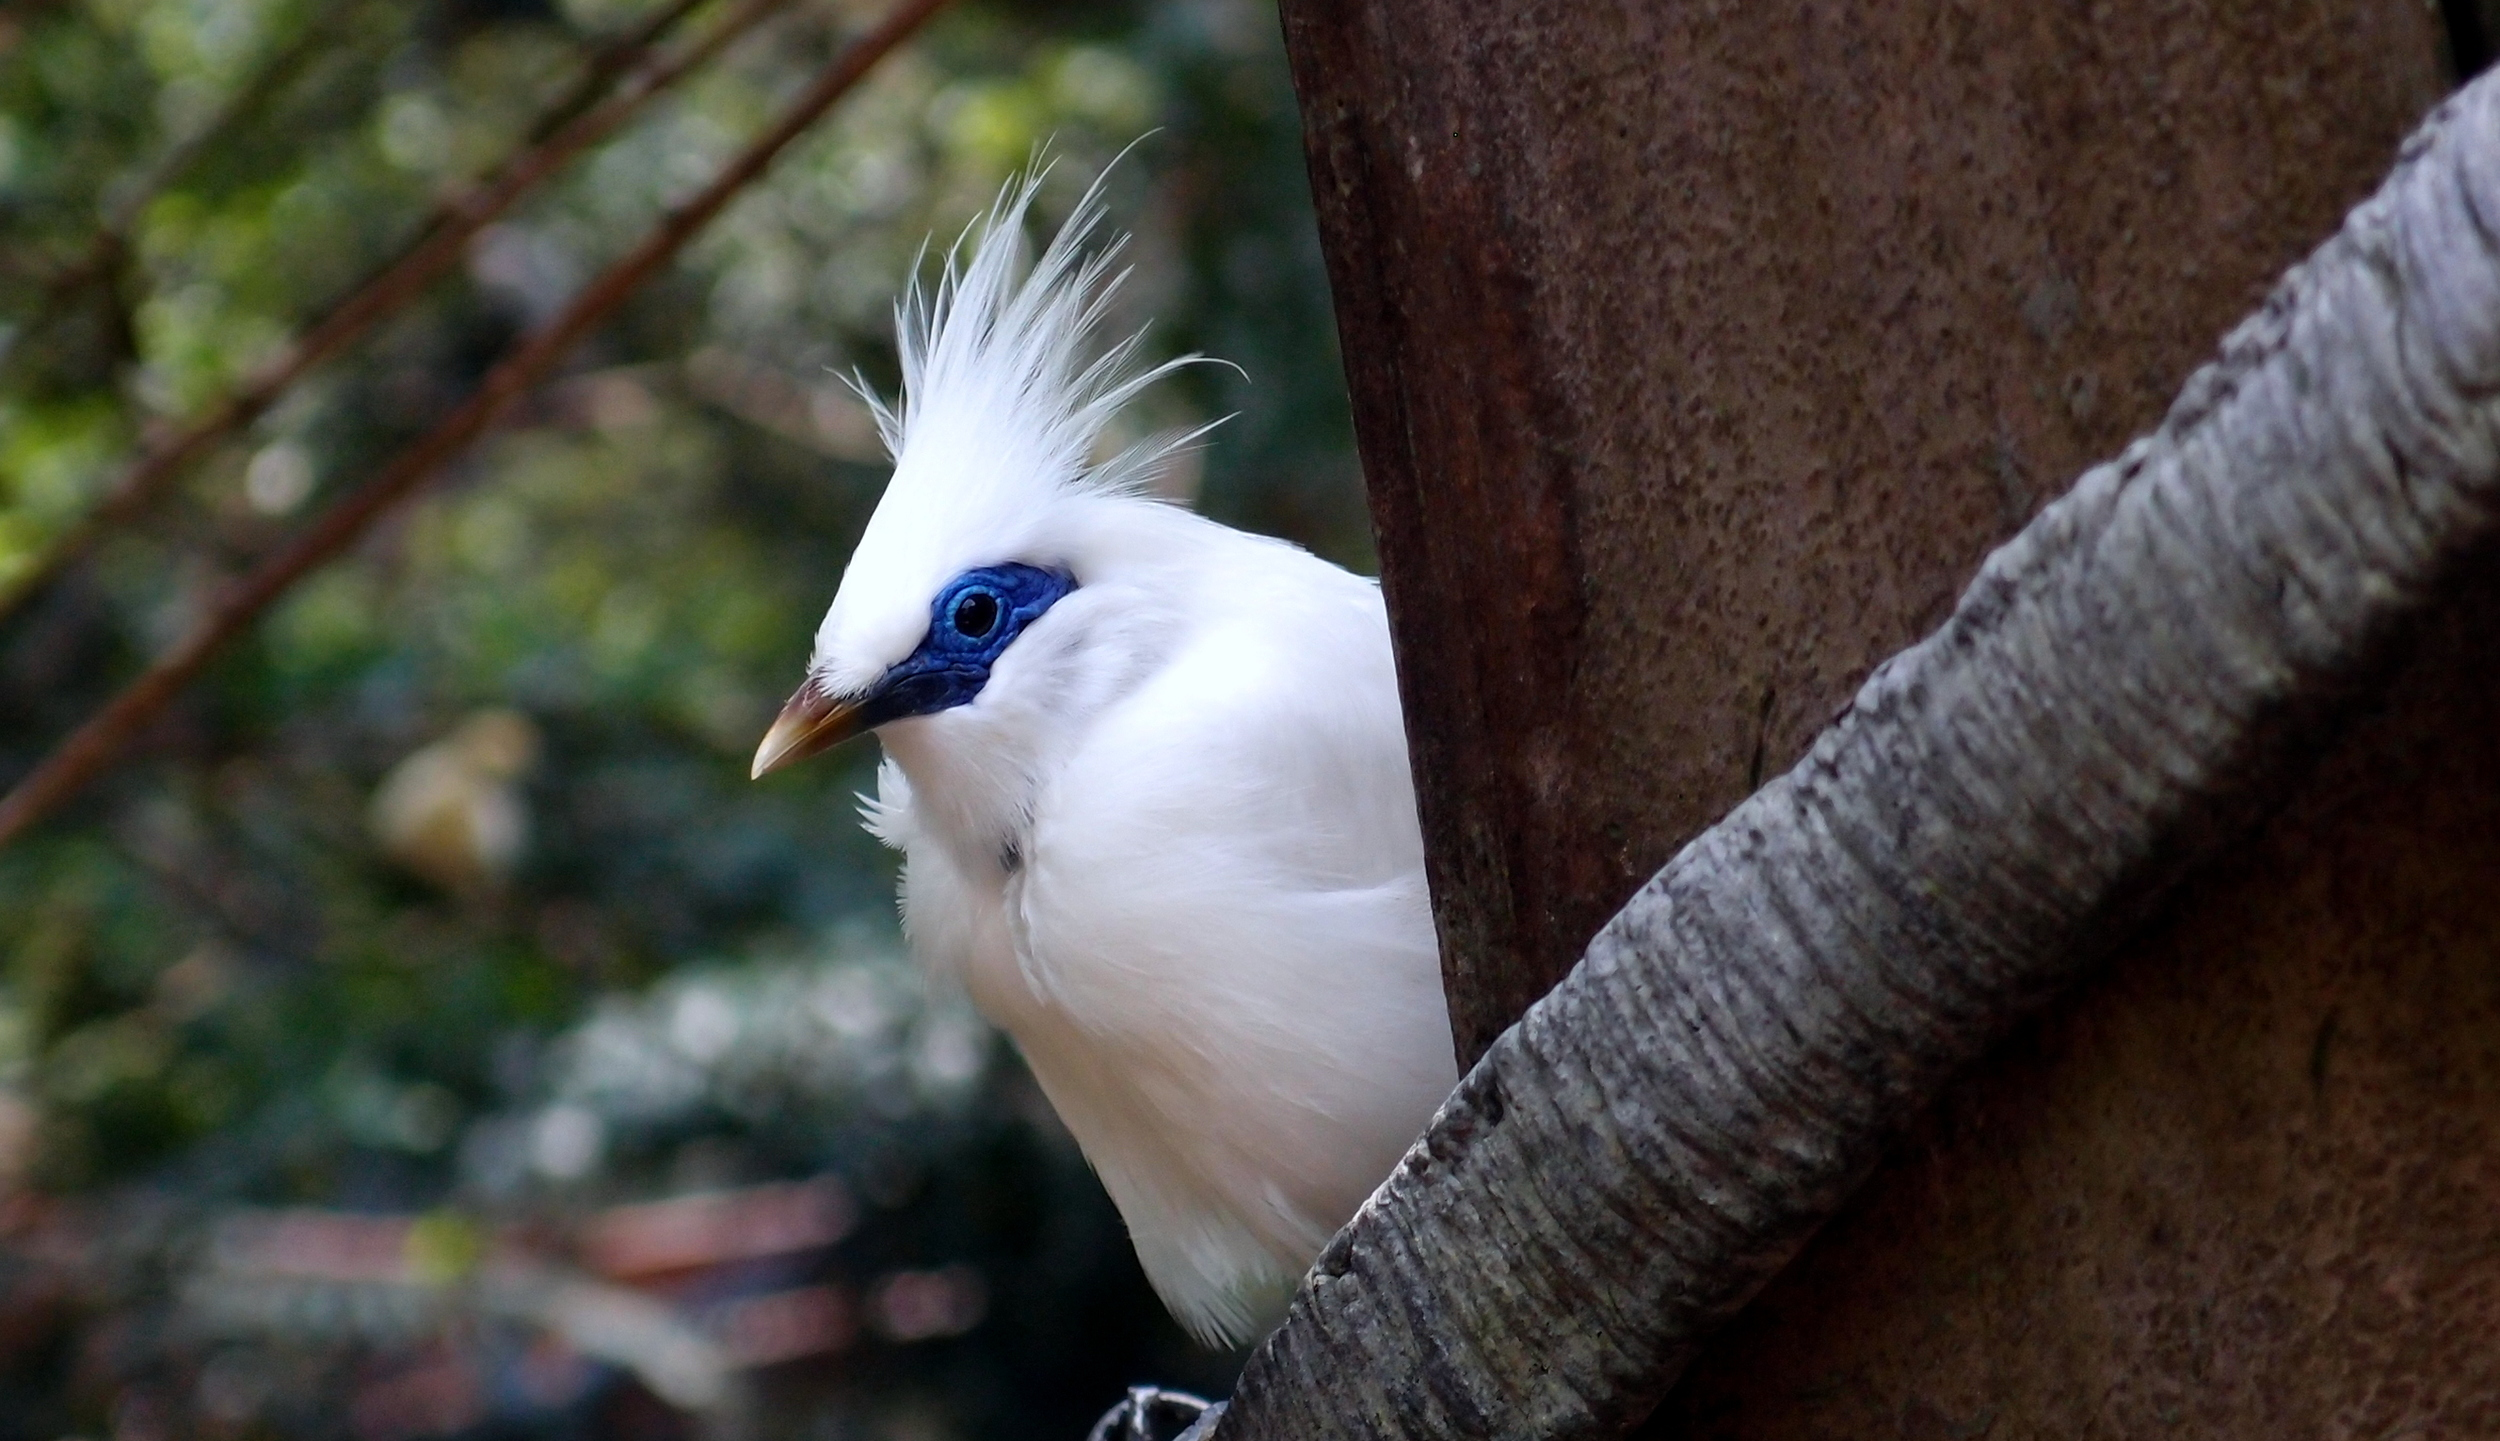 What a lovely bird